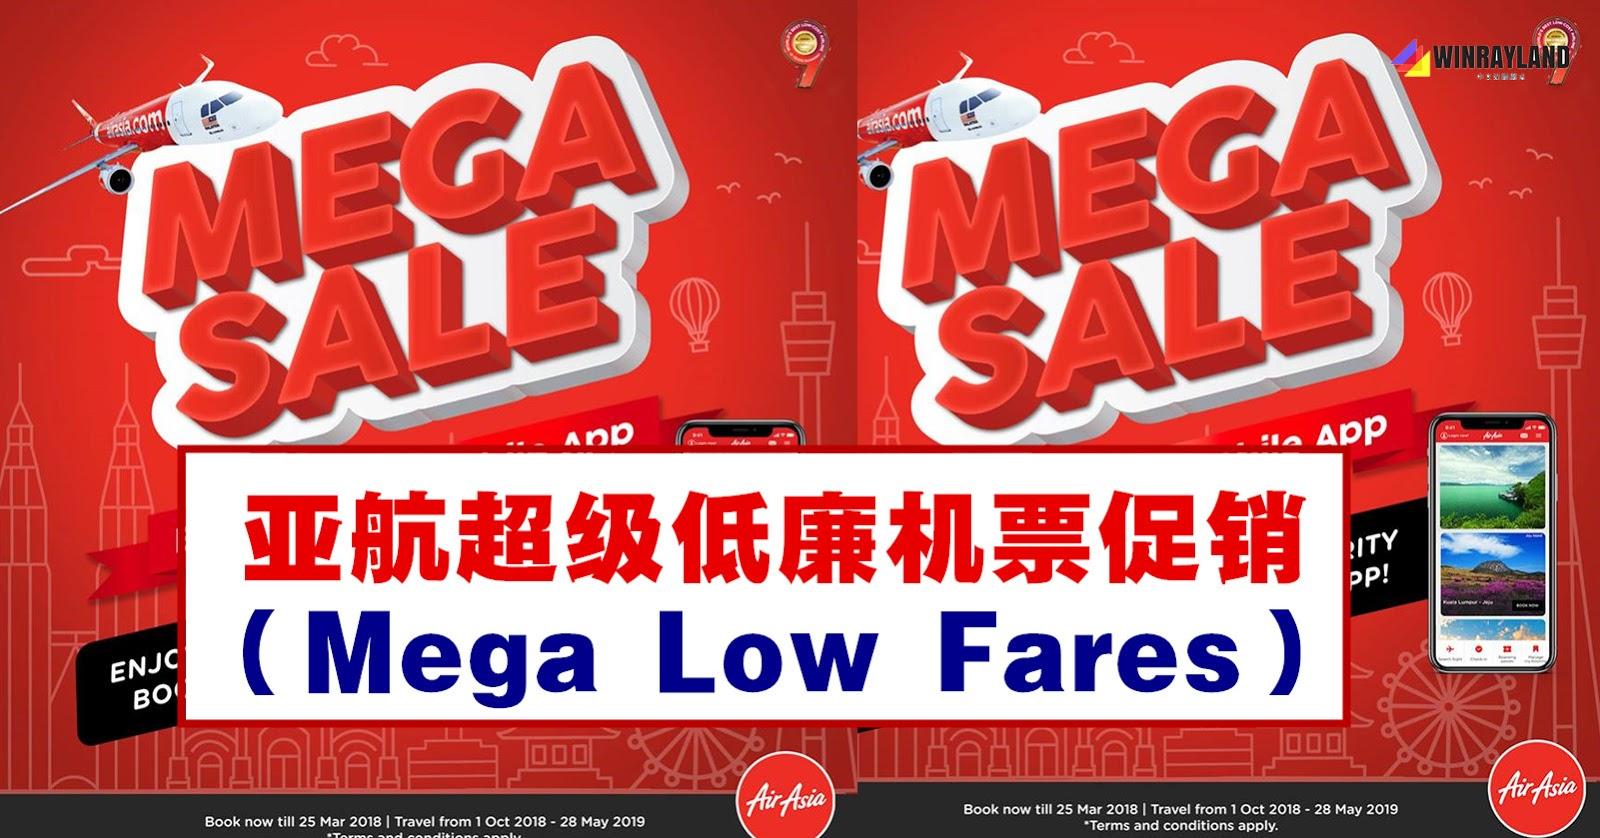 亚航超级低廉机票促销(Mega Low Fares)